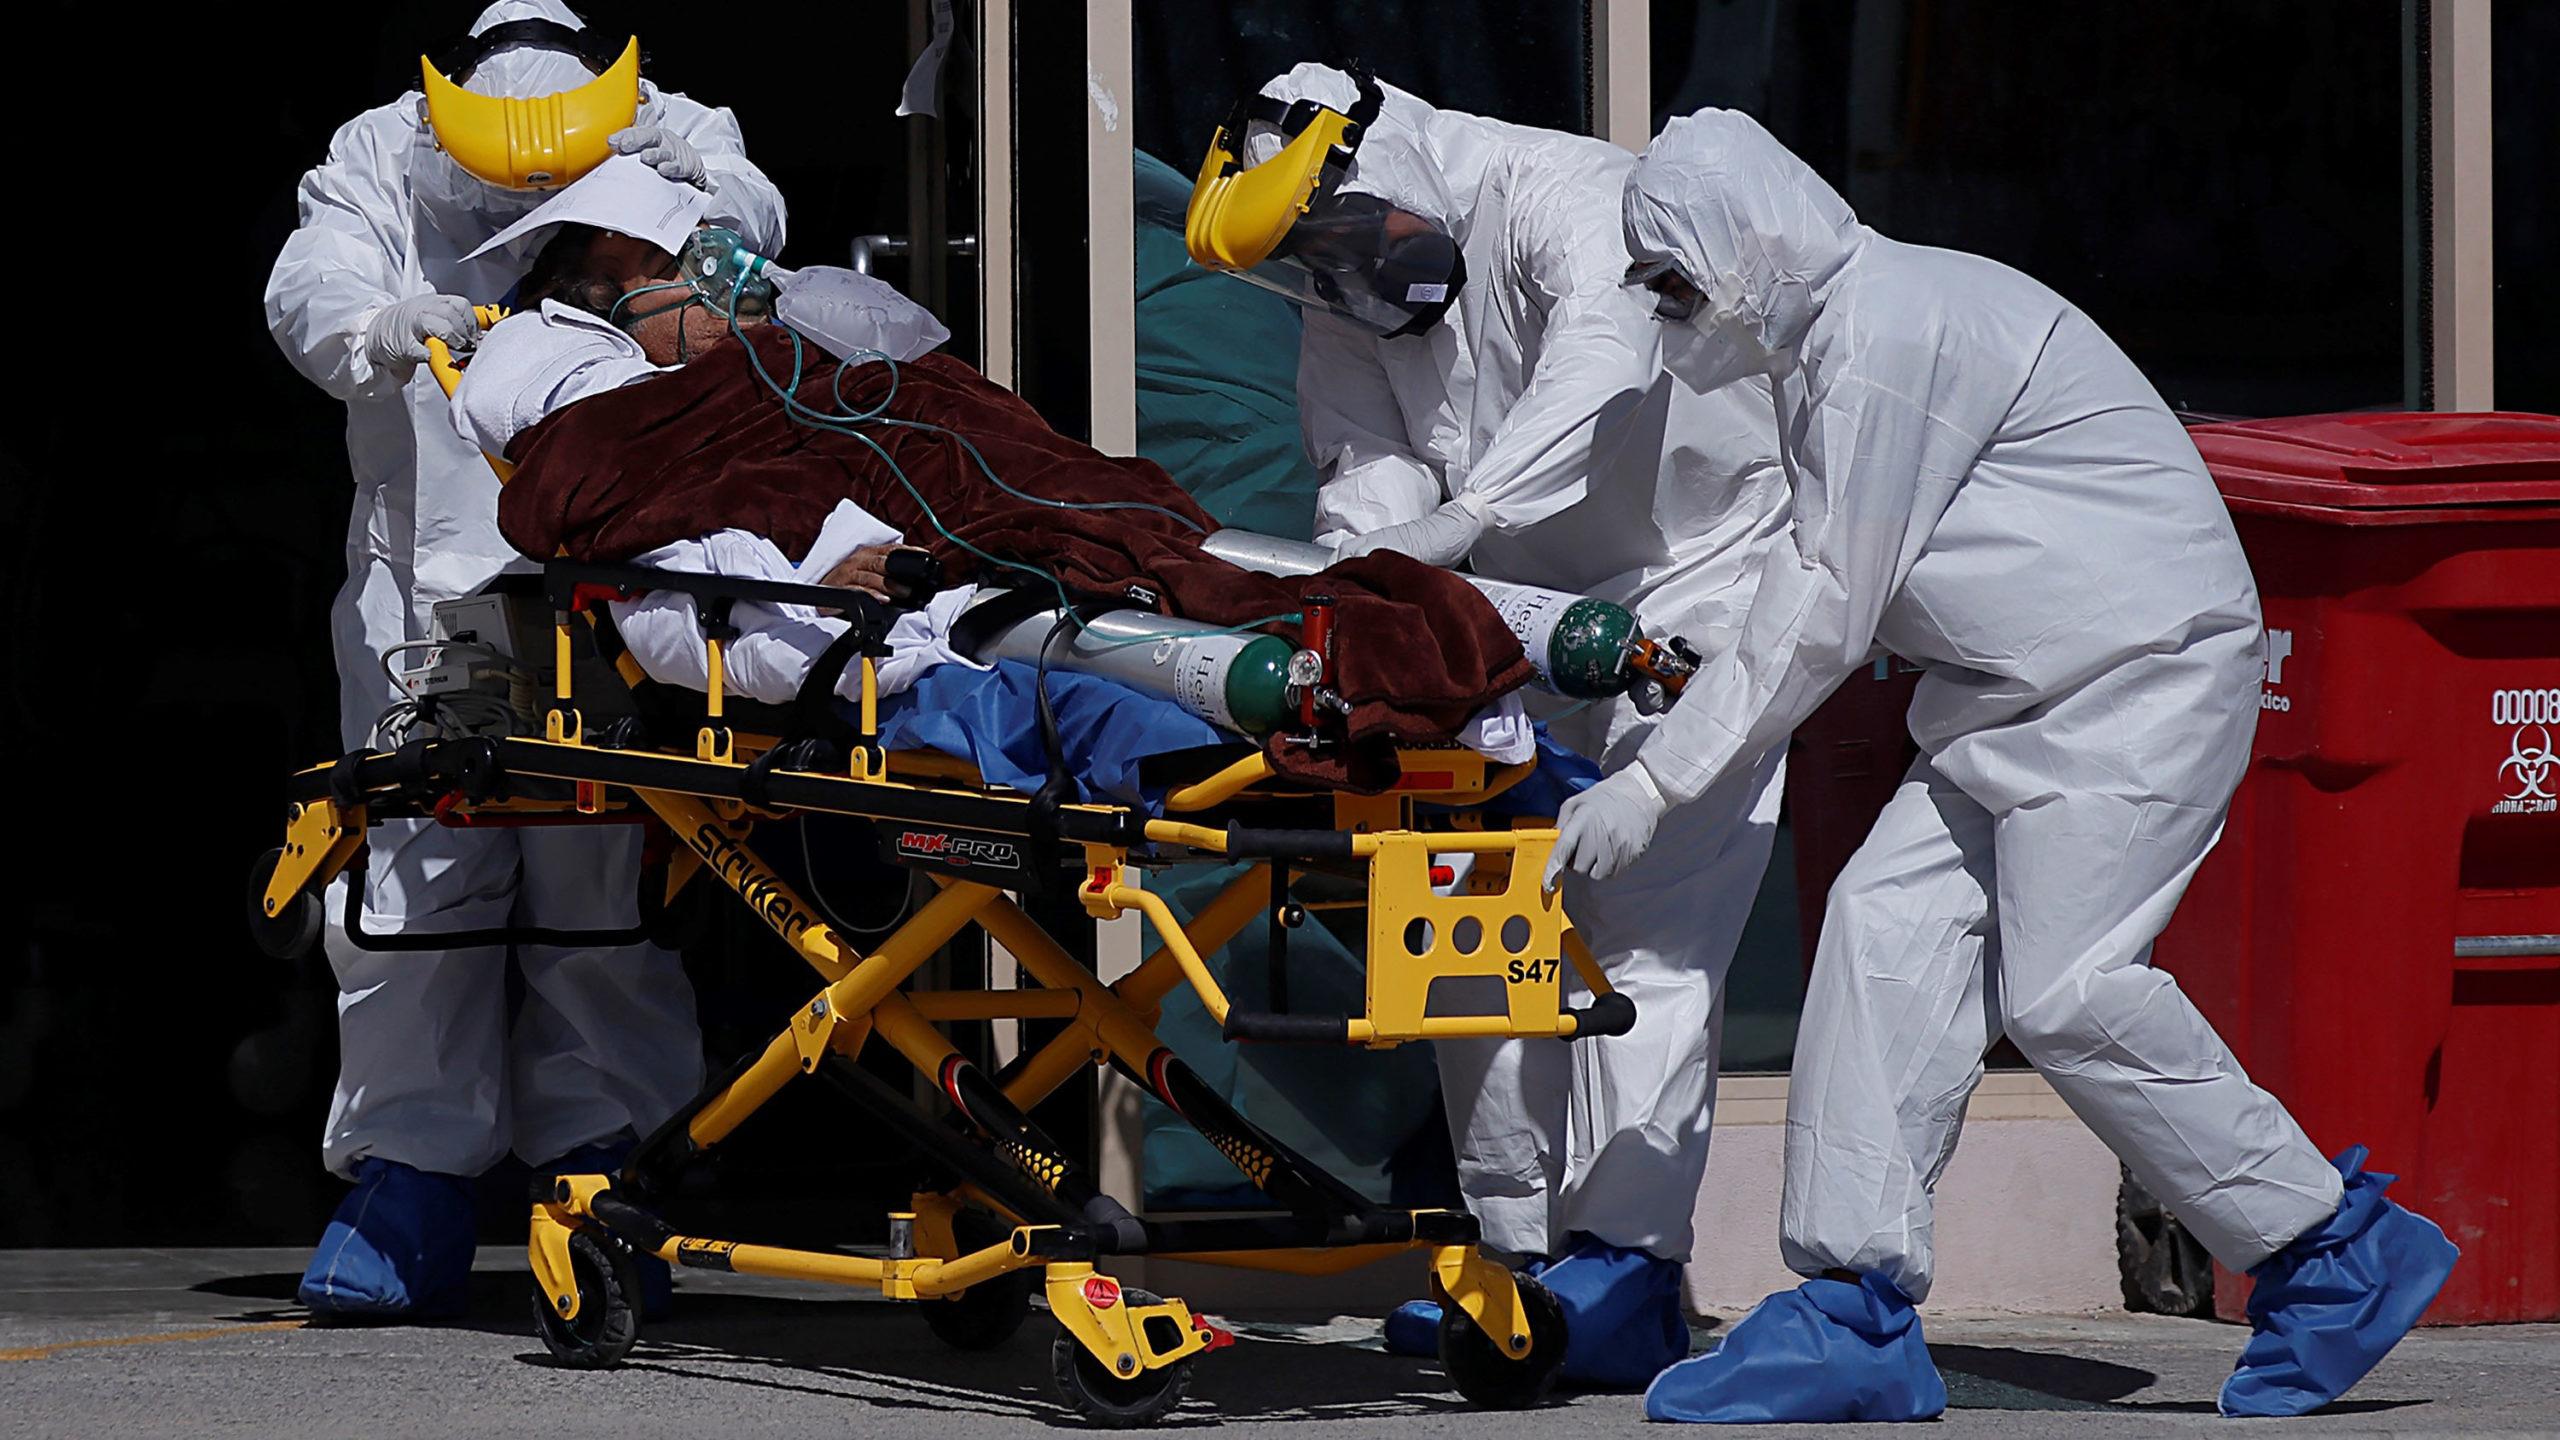 México tendría más del doble de muertes por Covid-19 de las reportadas: Instituto en Washington